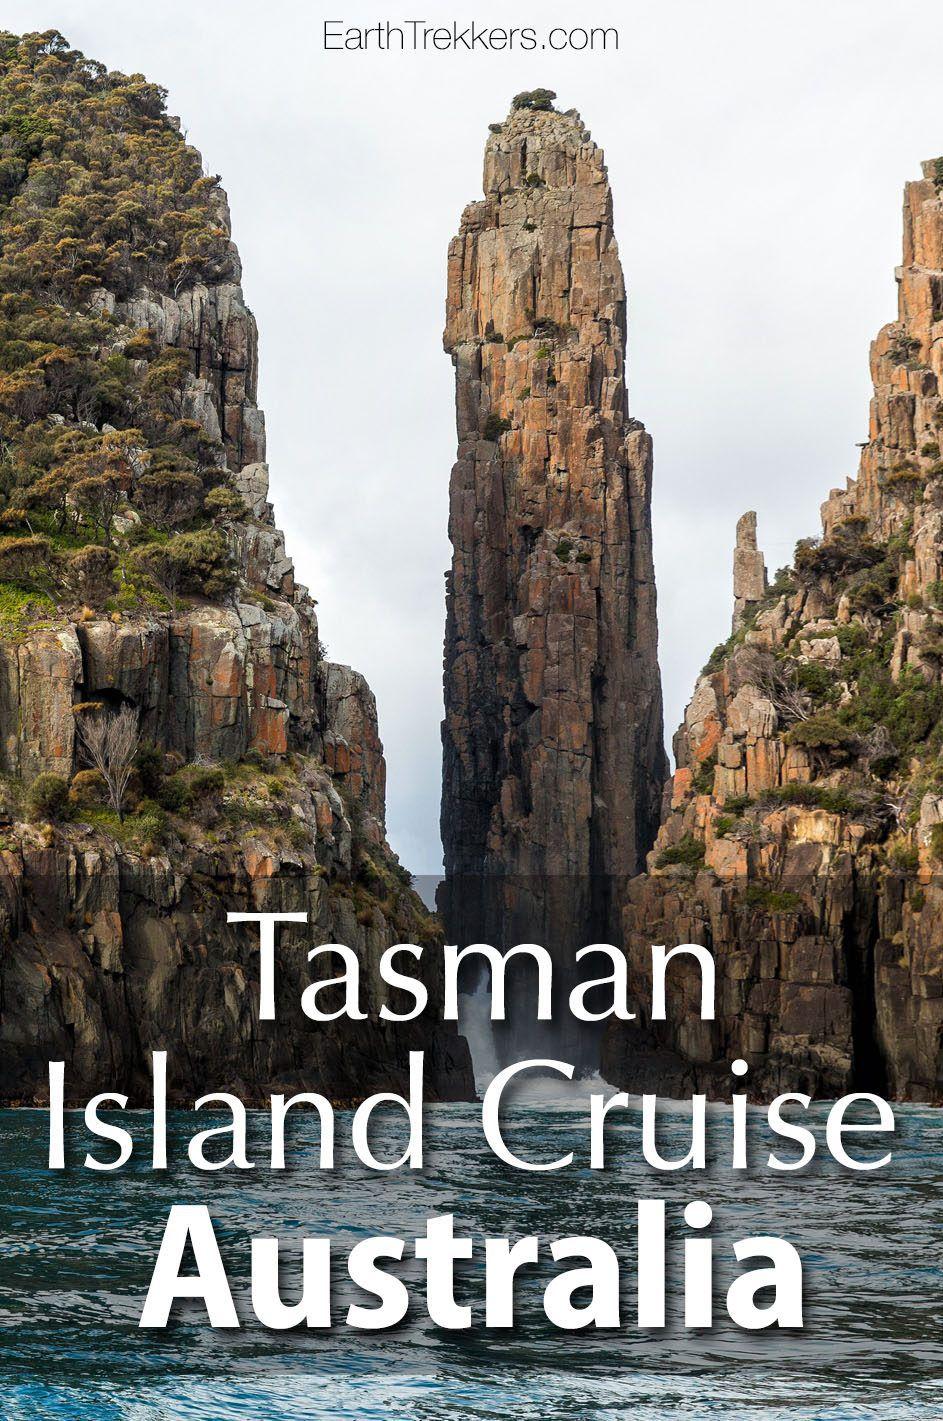 Tasmania Tasman Island Cruise Australia